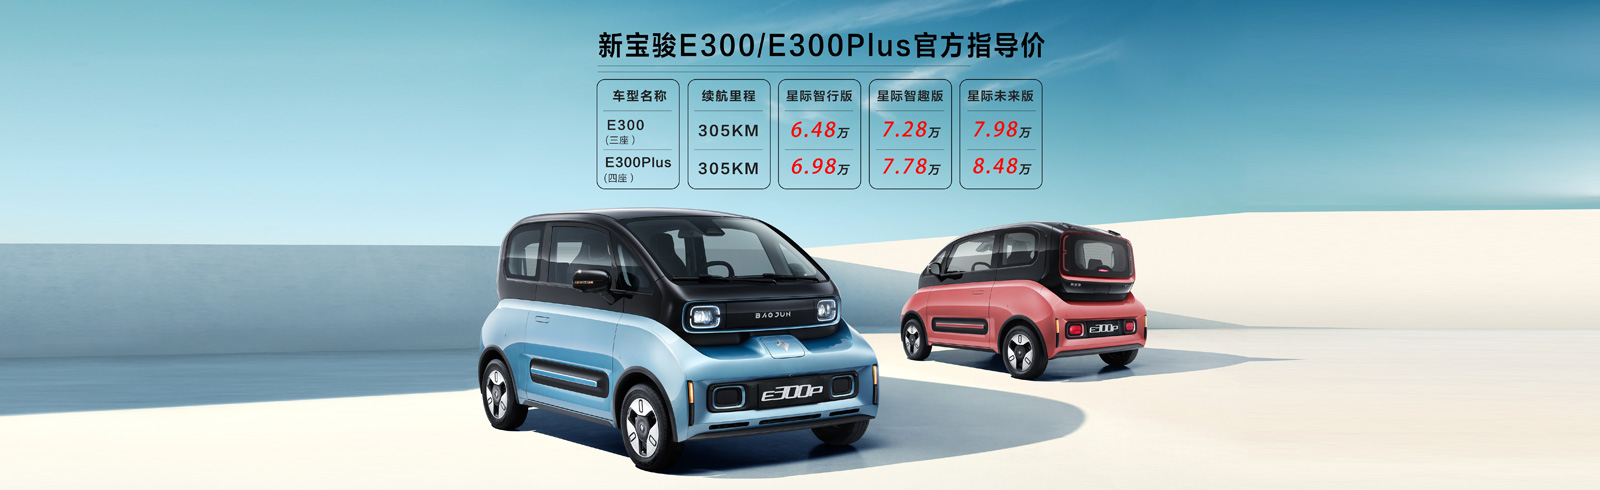 GM's Baojun brand launches the E300 and E300 Plus EVs